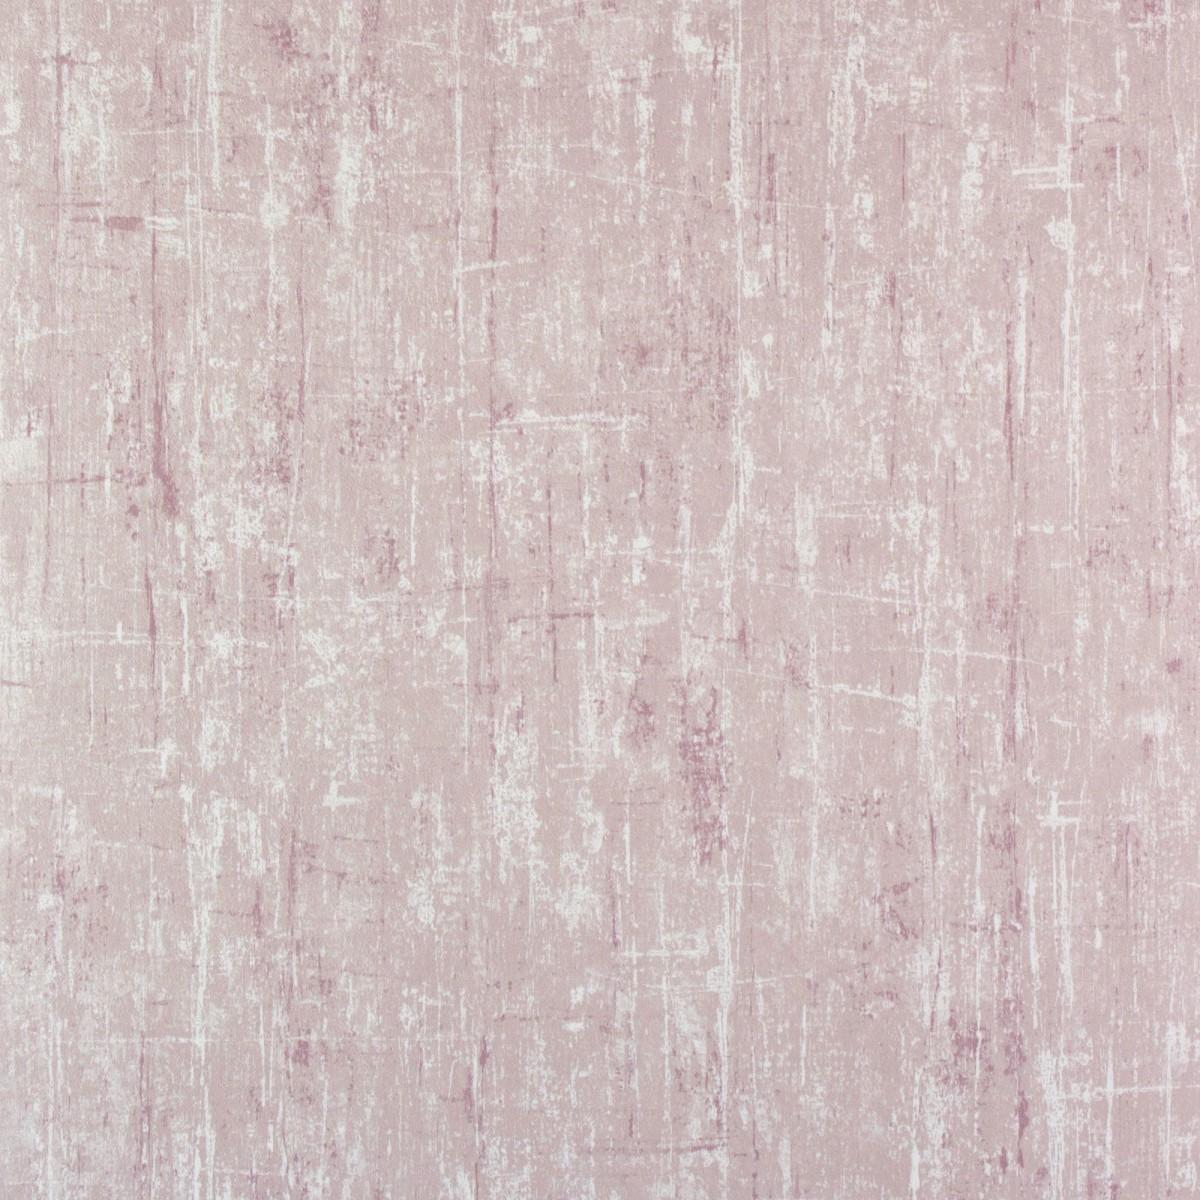 Обои на флизелиновой основе под штукатурку 0.53х10 м цвет розовый Ra 513233